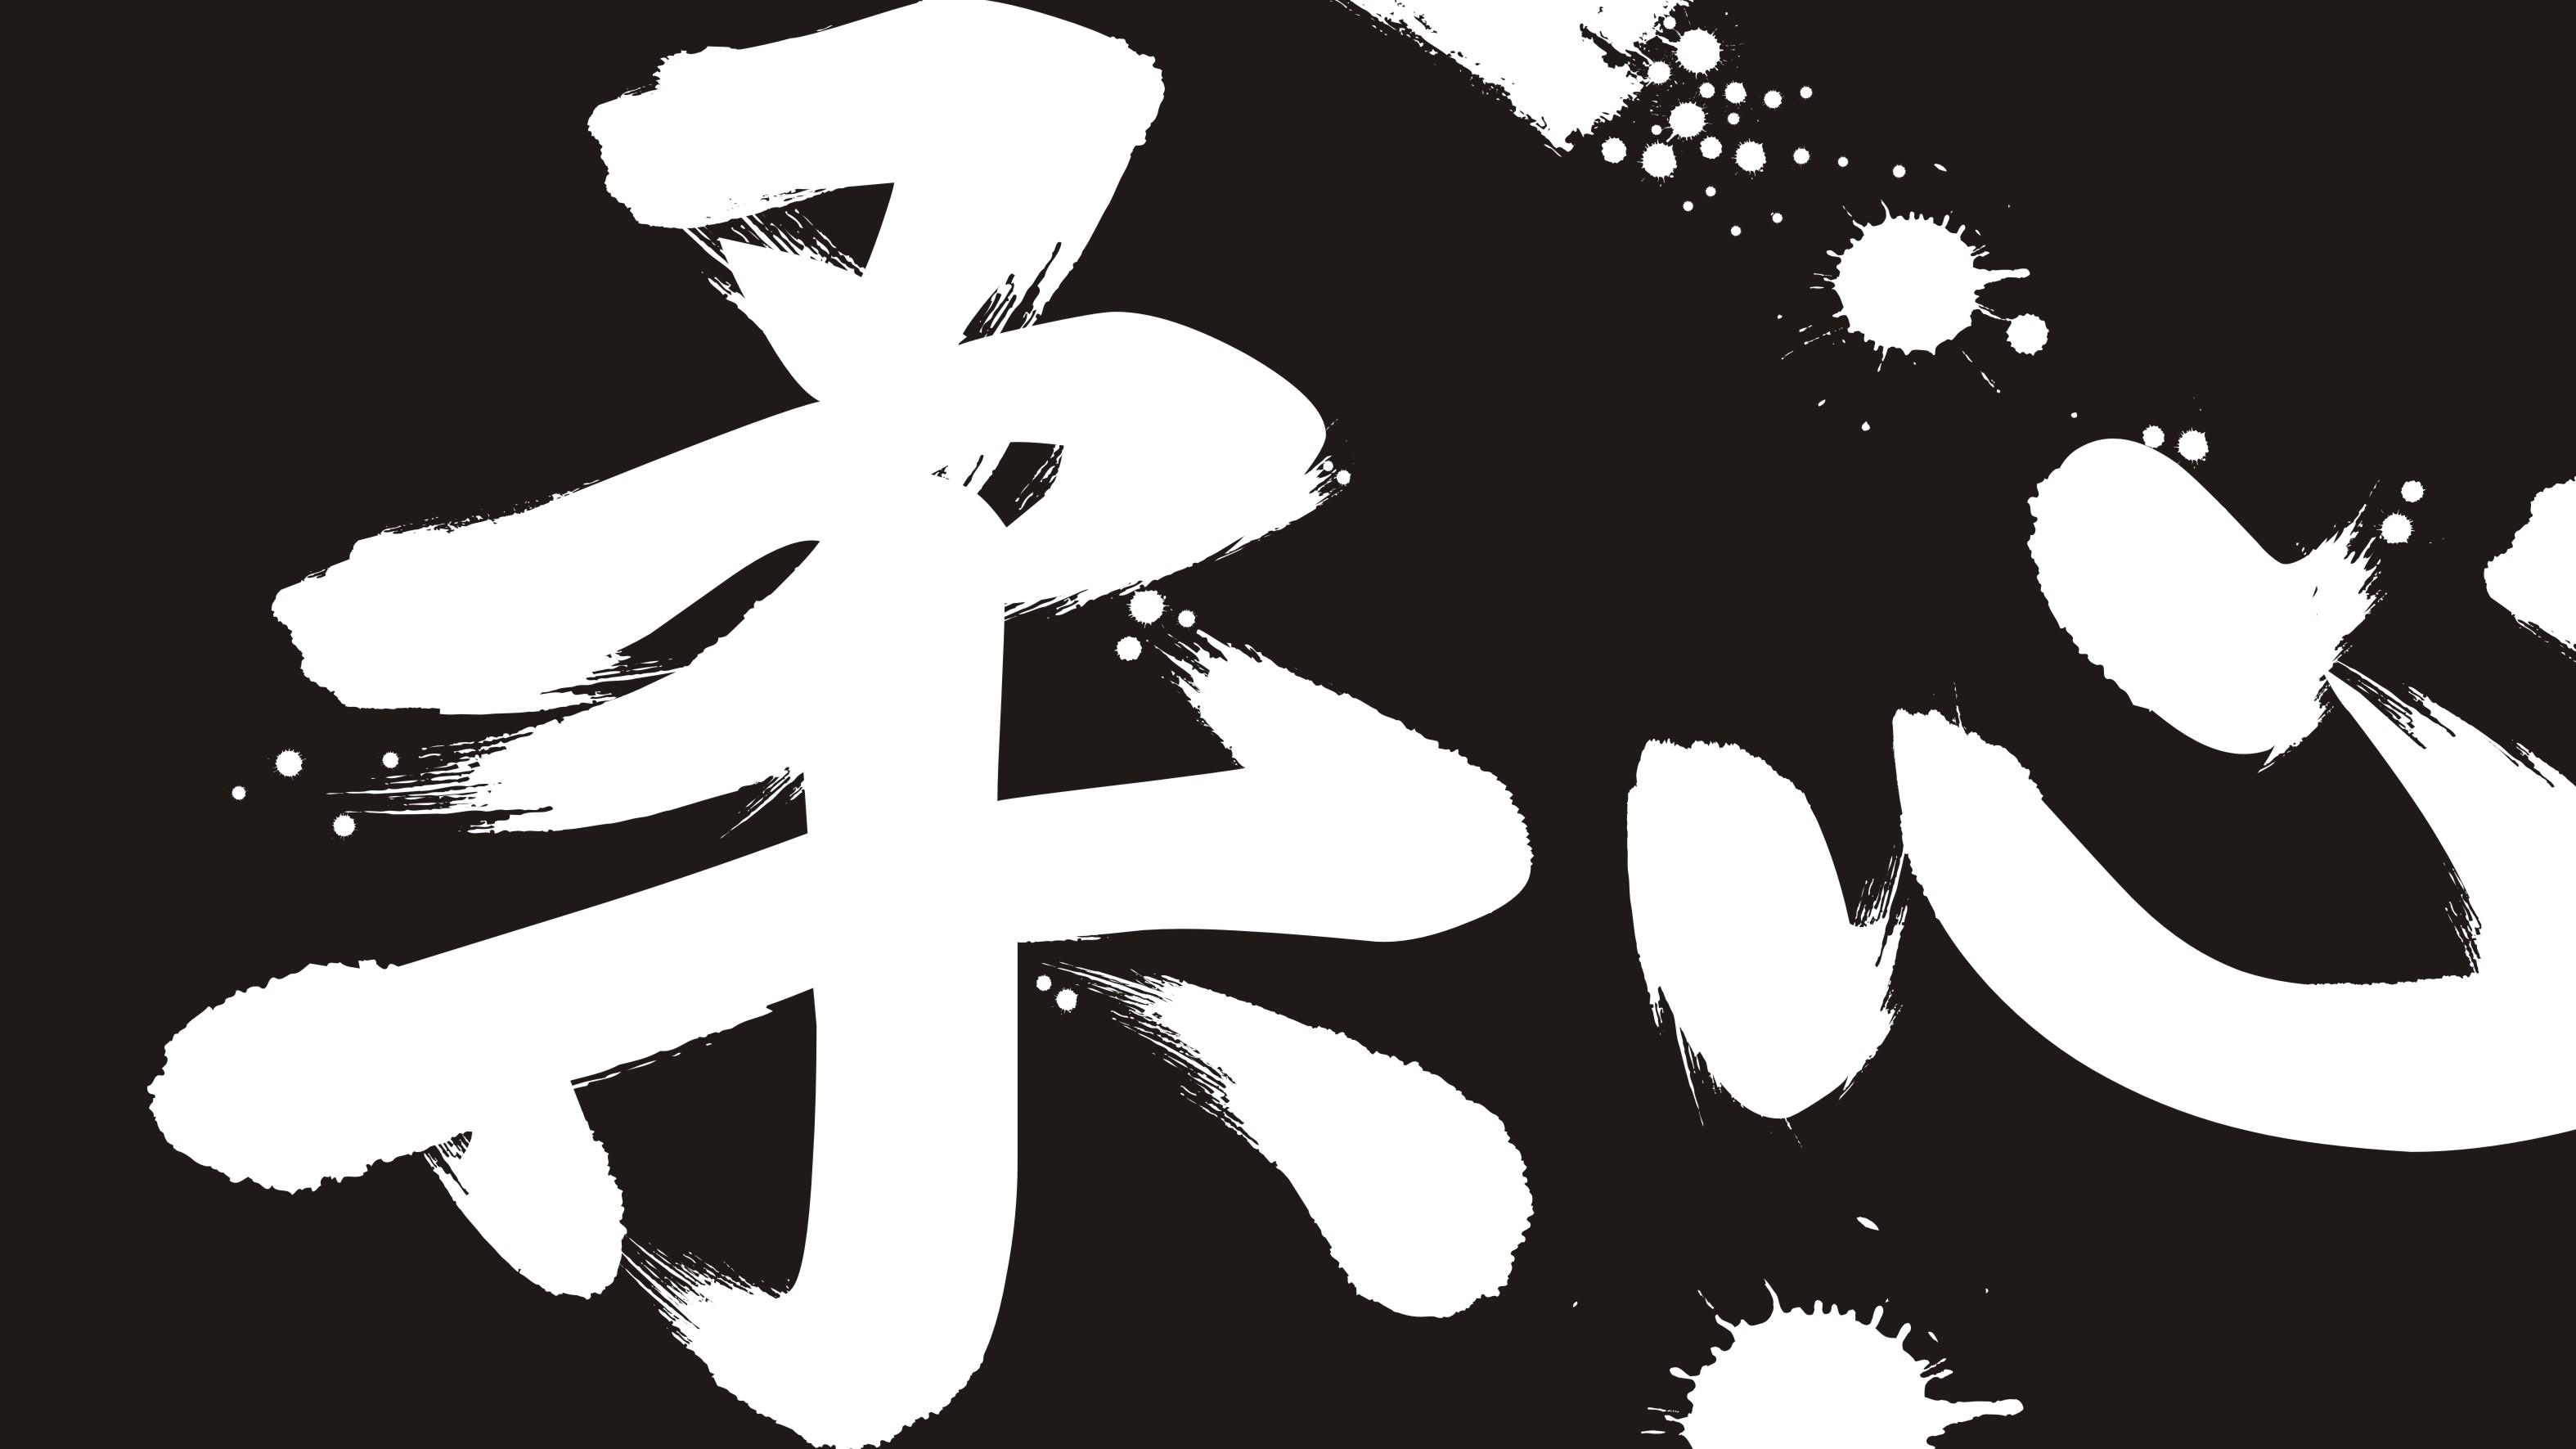 LOGO_手写/中国风/书法/标志字体/水墨logo古典商标标识毛笔字1